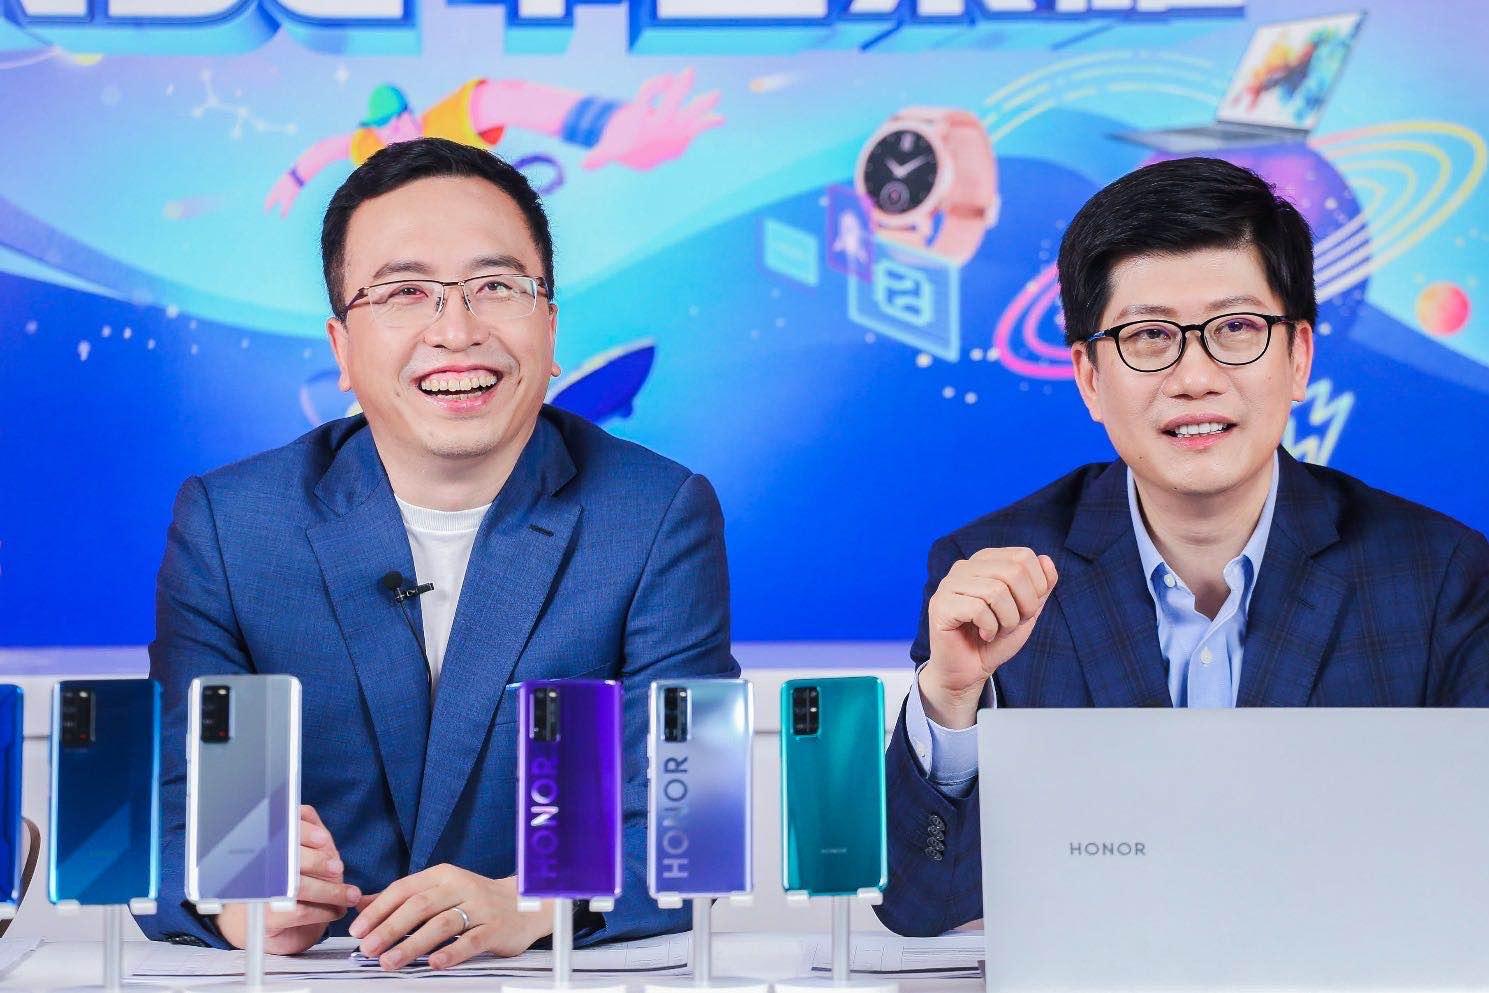 经济学者薛兆丰对话荣耀总裁赵明:兼顾性能和差异化特色是5G最好打开方式插图